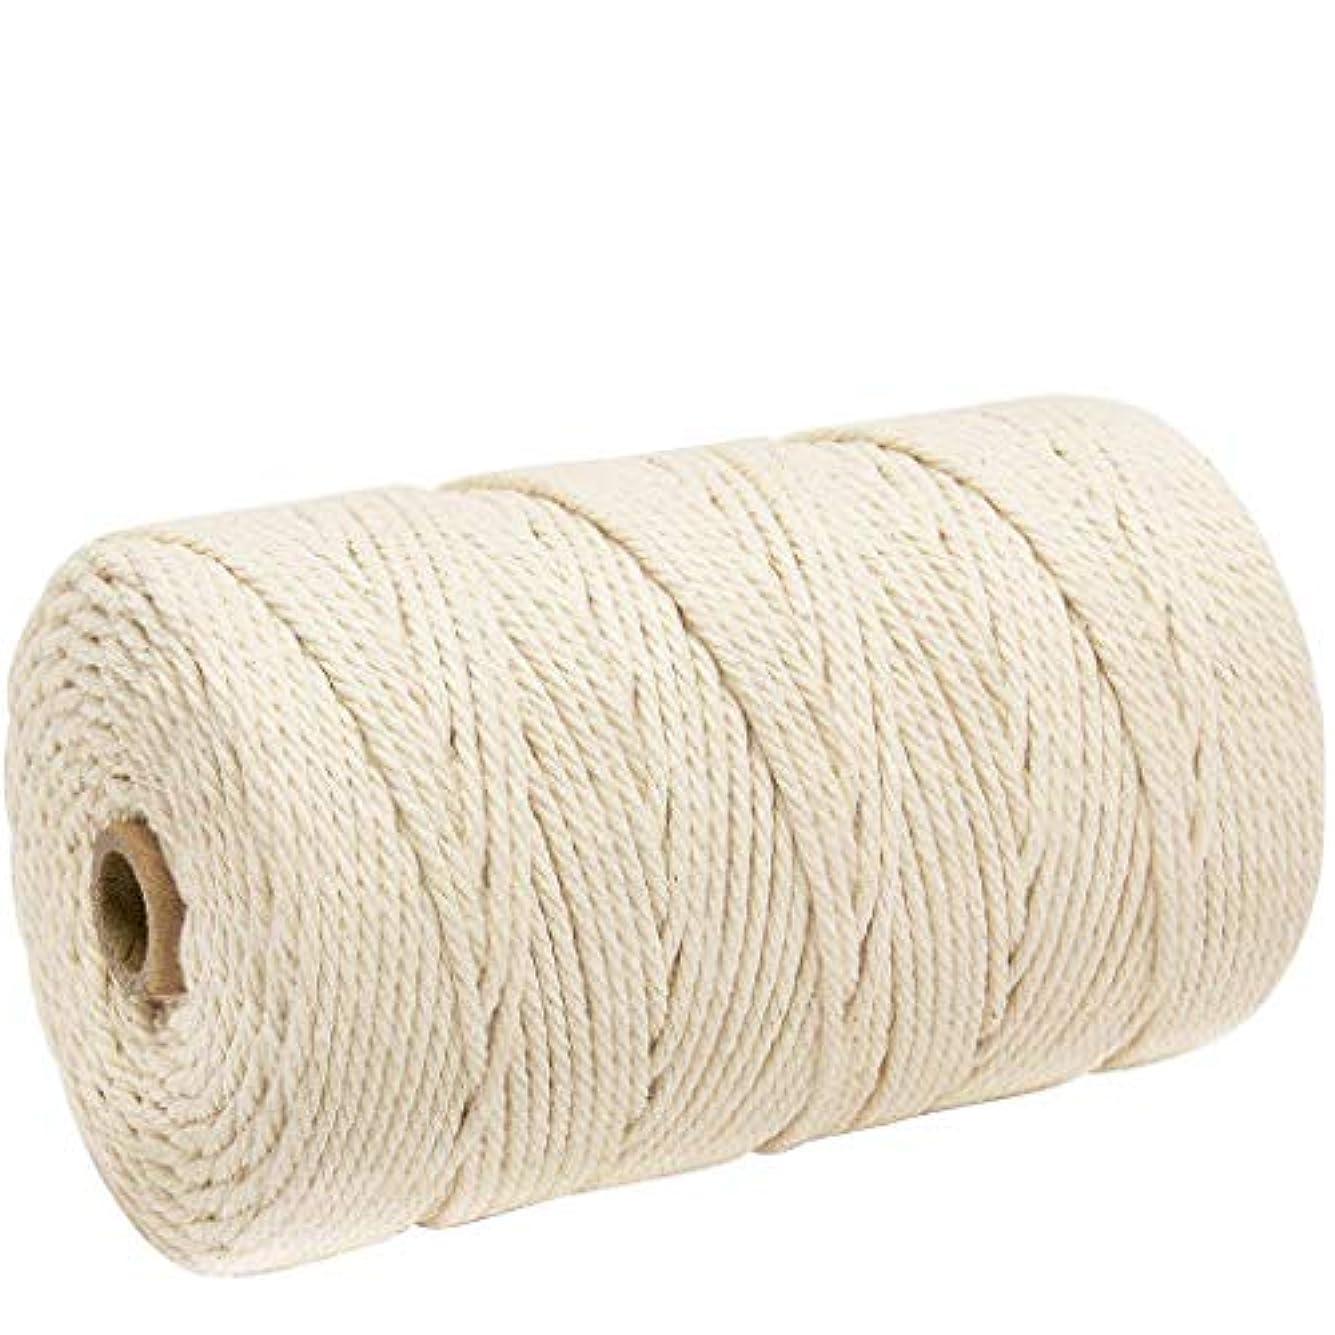 移植樹木個性ナチュラルコットン マクラメ ロープ 紐 糸 手作り編み糸 綿 DIY壁掛けハンガークラフト編みコードロープ 3㎜ 200m (ライスホワイト)